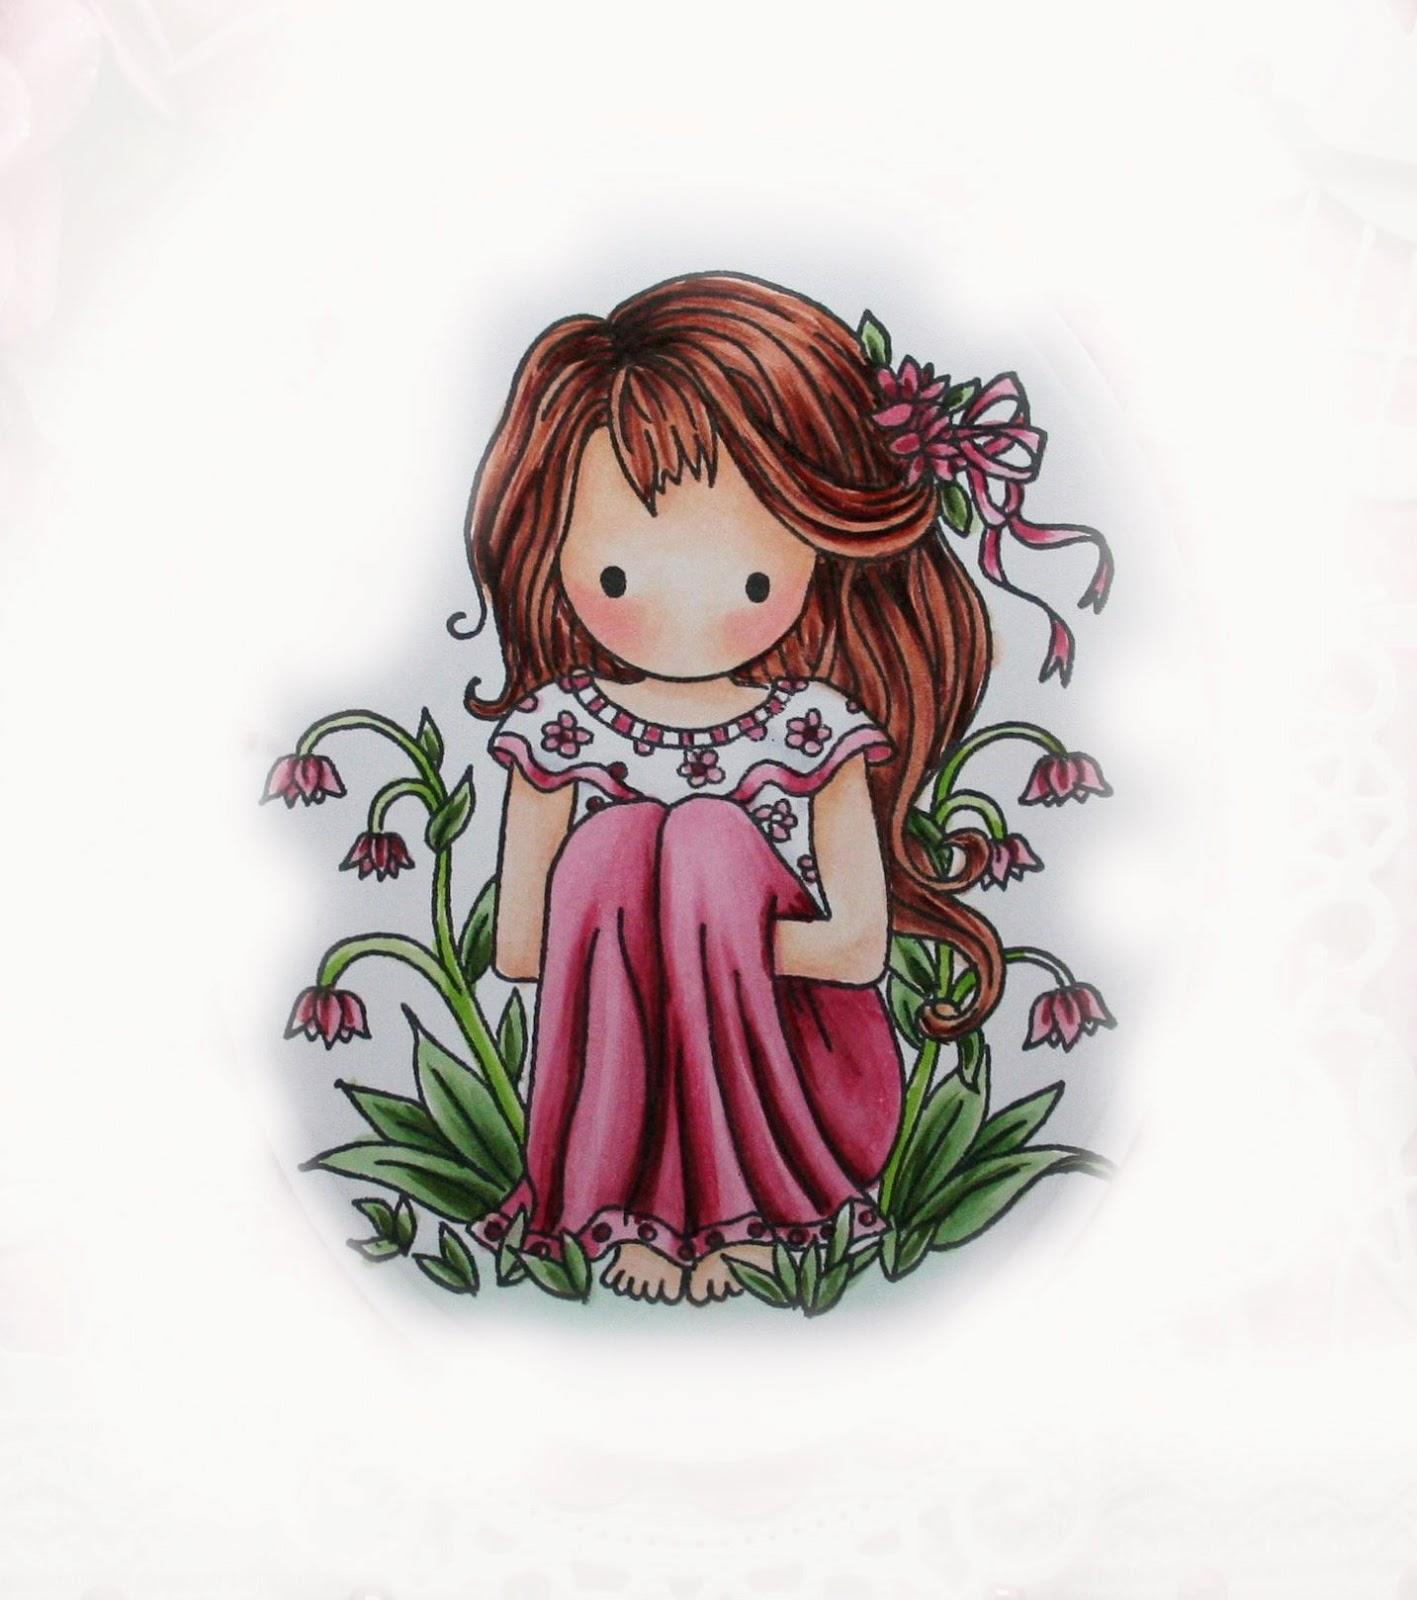 http://2.bp.blogspot.com/-fJl10gqWHhE/UYAYceu7bPI/AAAAAAAAEOY/taY2D-BbELk/s1600/169-su.jpg